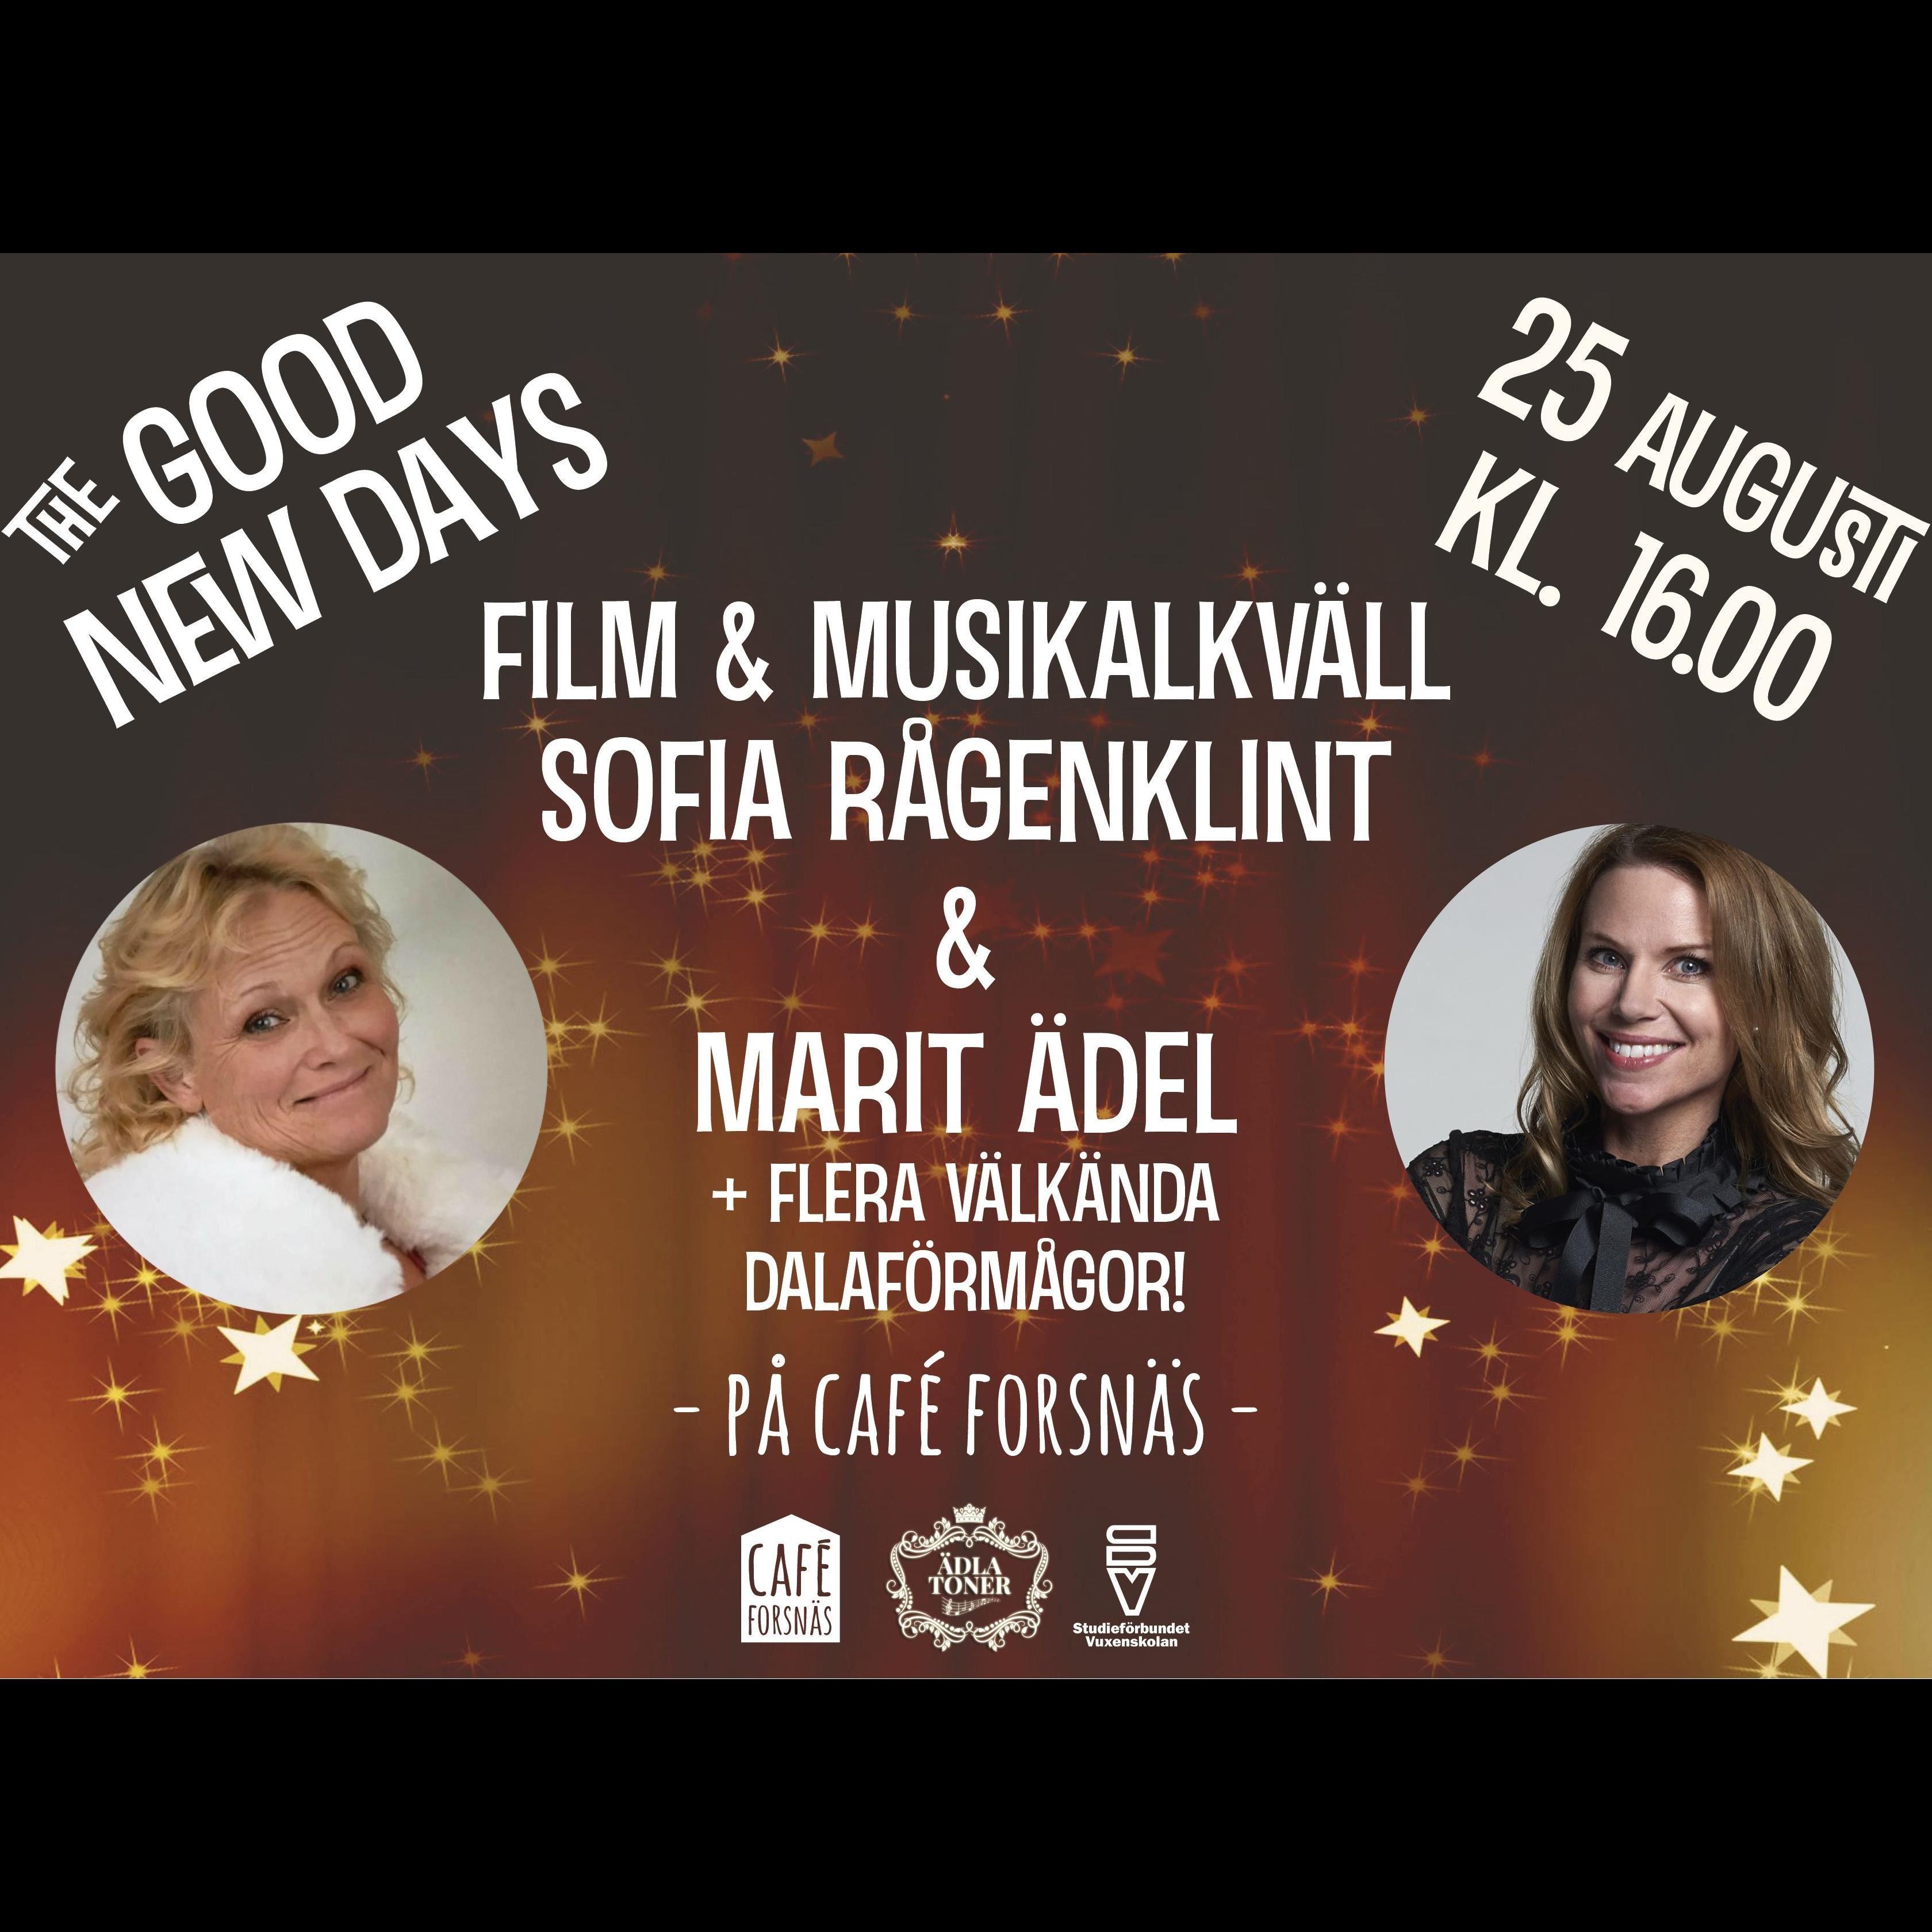 The Good New Days- Film & Musikalkväll